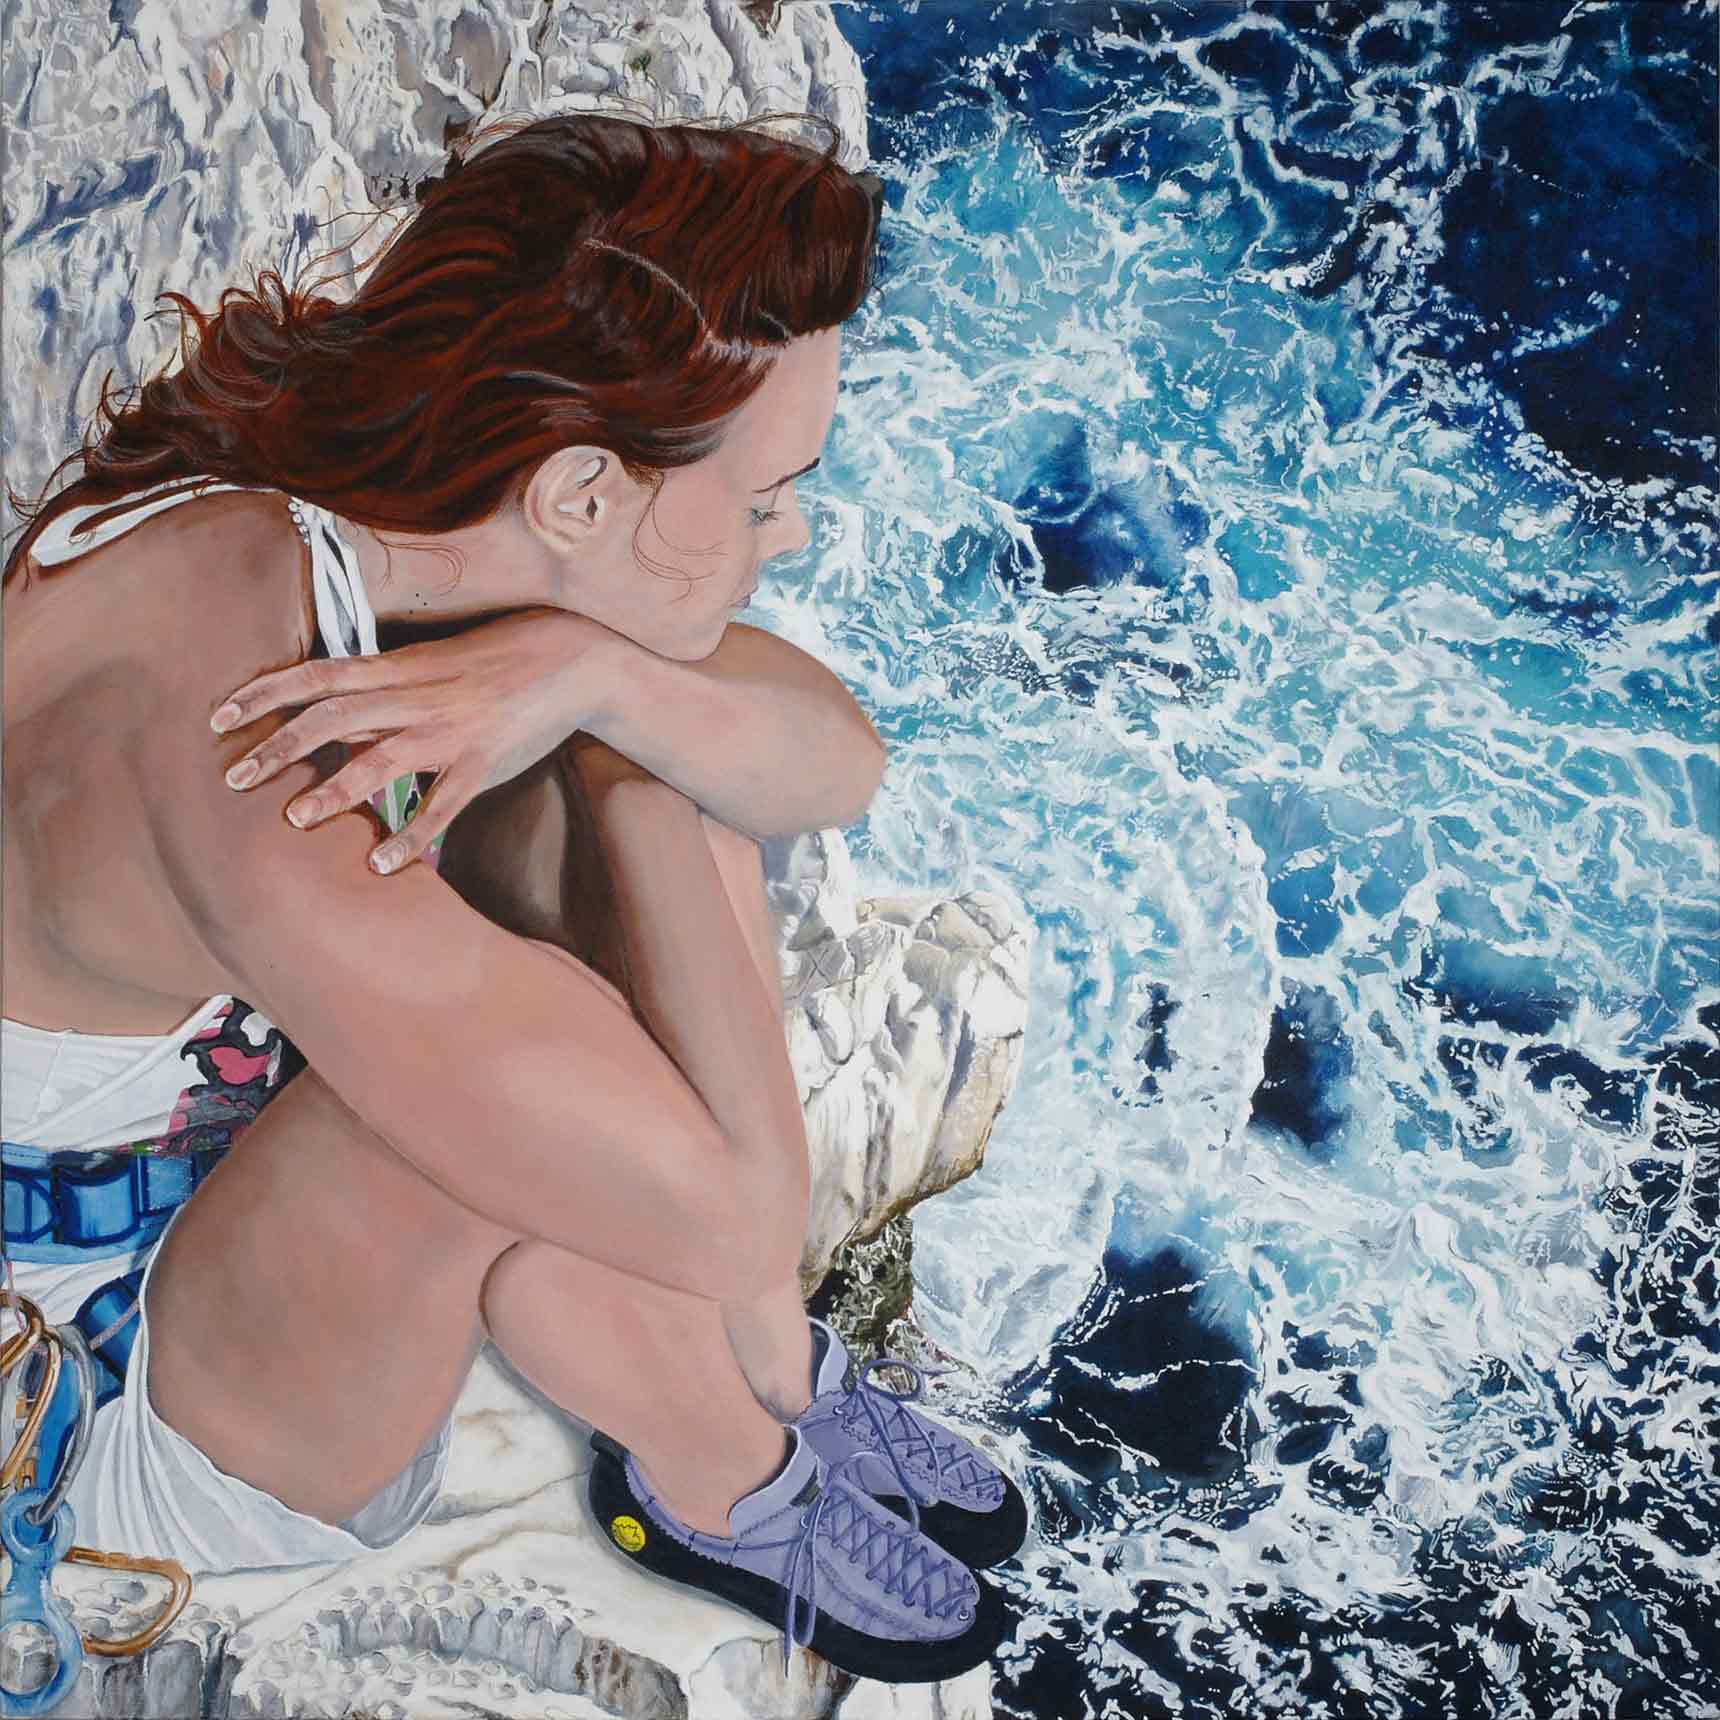 Peinture hyperréalisme Hervé Bernard : Deep Blue Sea